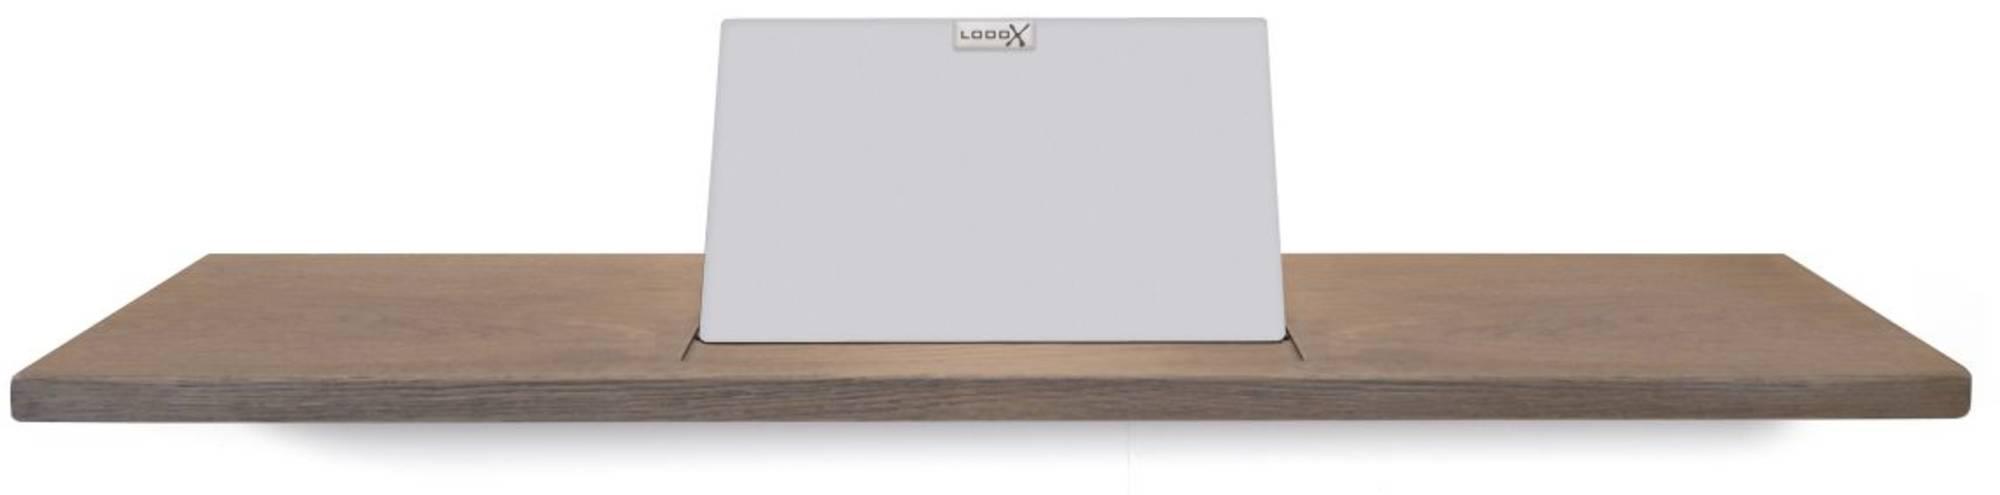 Looox Wooden Collection bath shelf met houder mat wit eiken/mat wit